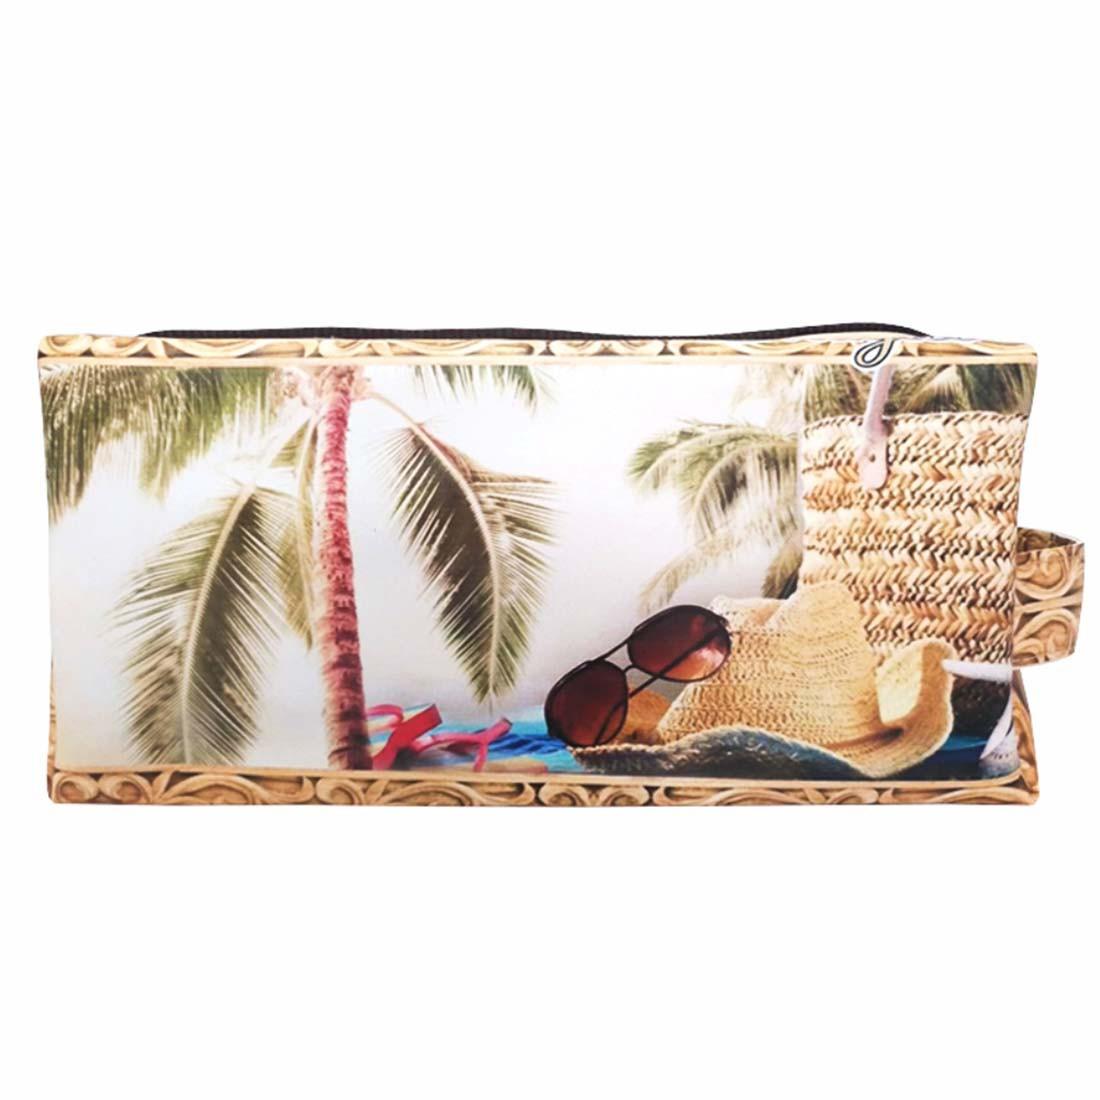 Kit Praia Feminino Chapéu de Palha com Bolsa, Necessaire e Chinelo, Magicc